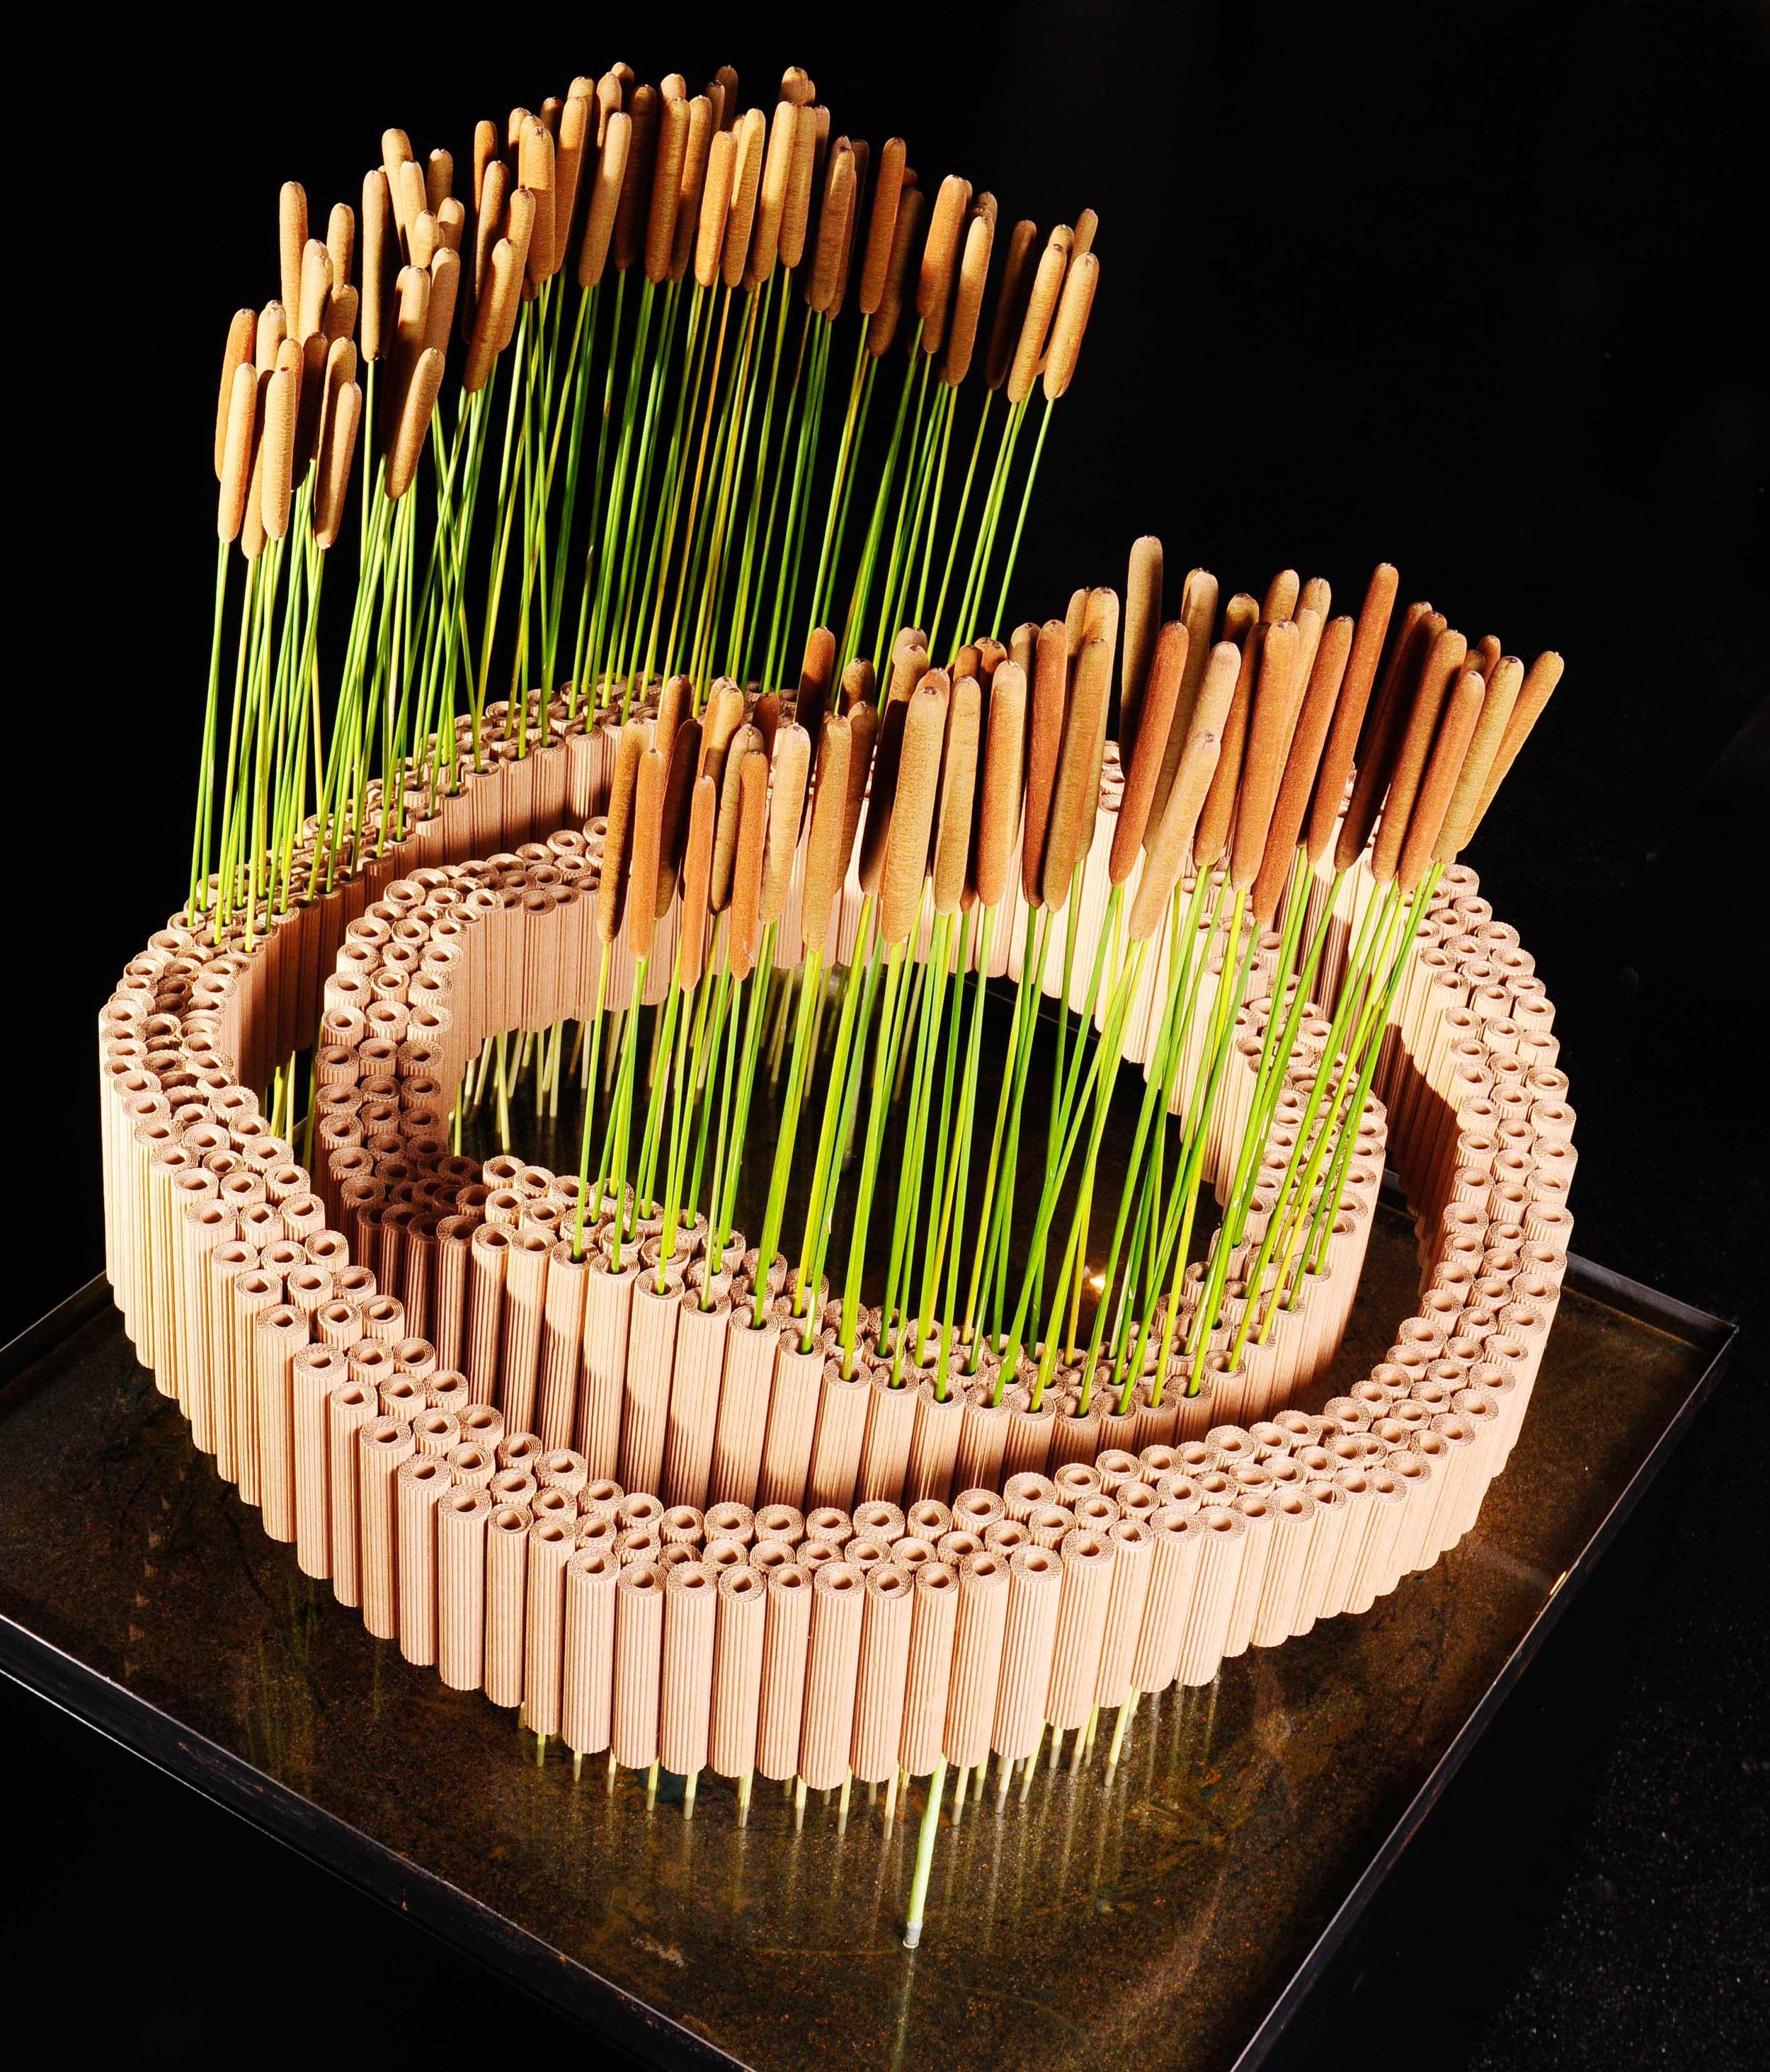 Die Schweizerin Kirsten Stuhrmann übertrug markanten Schwung auf ihre Ringform und führte diesen Grundgedanken weiter bis in die florale Ergänzung.